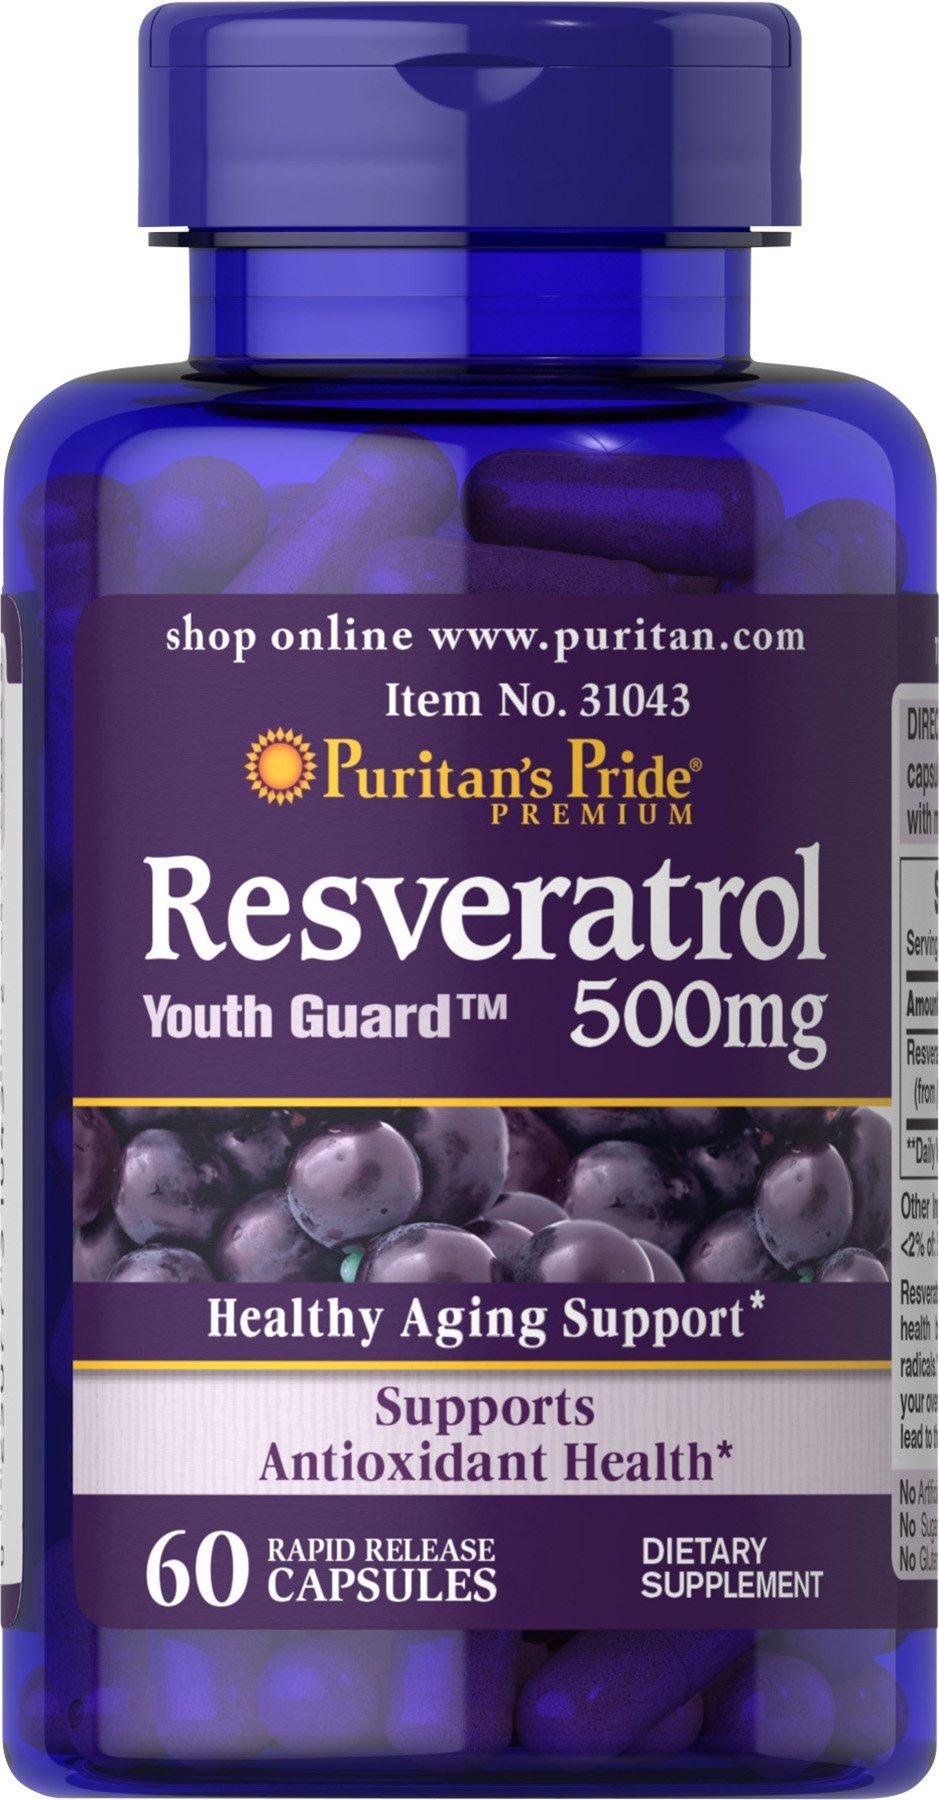 Puritan's Pride Resveratrol 500 mg-60 Capsules by Puritan's Pride